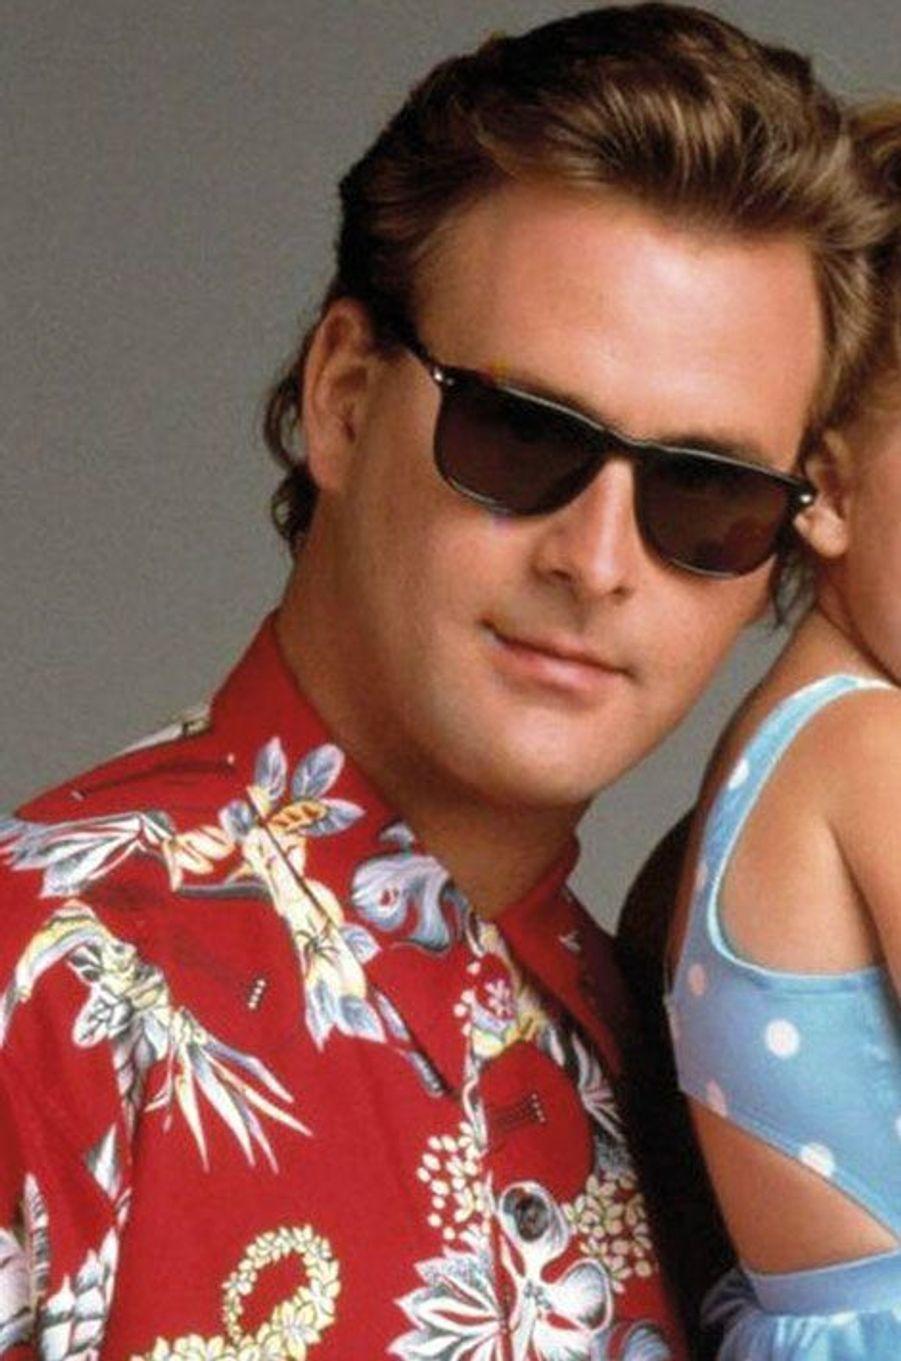 """Dave Coulier alias Joseph """"Joey"""" Gladstone.Dave Couliern'a jamais vraiment percé, après l'arrêt de la série malgré quelques apparitions à l'écran, notamment dans un épisode de «How I met Your Mother», où il jouait son propre rôle. Il est devenu père en 1990 d'un garçon prénommé Luc. Il est aujourd'hui âgé de 59 ans."""